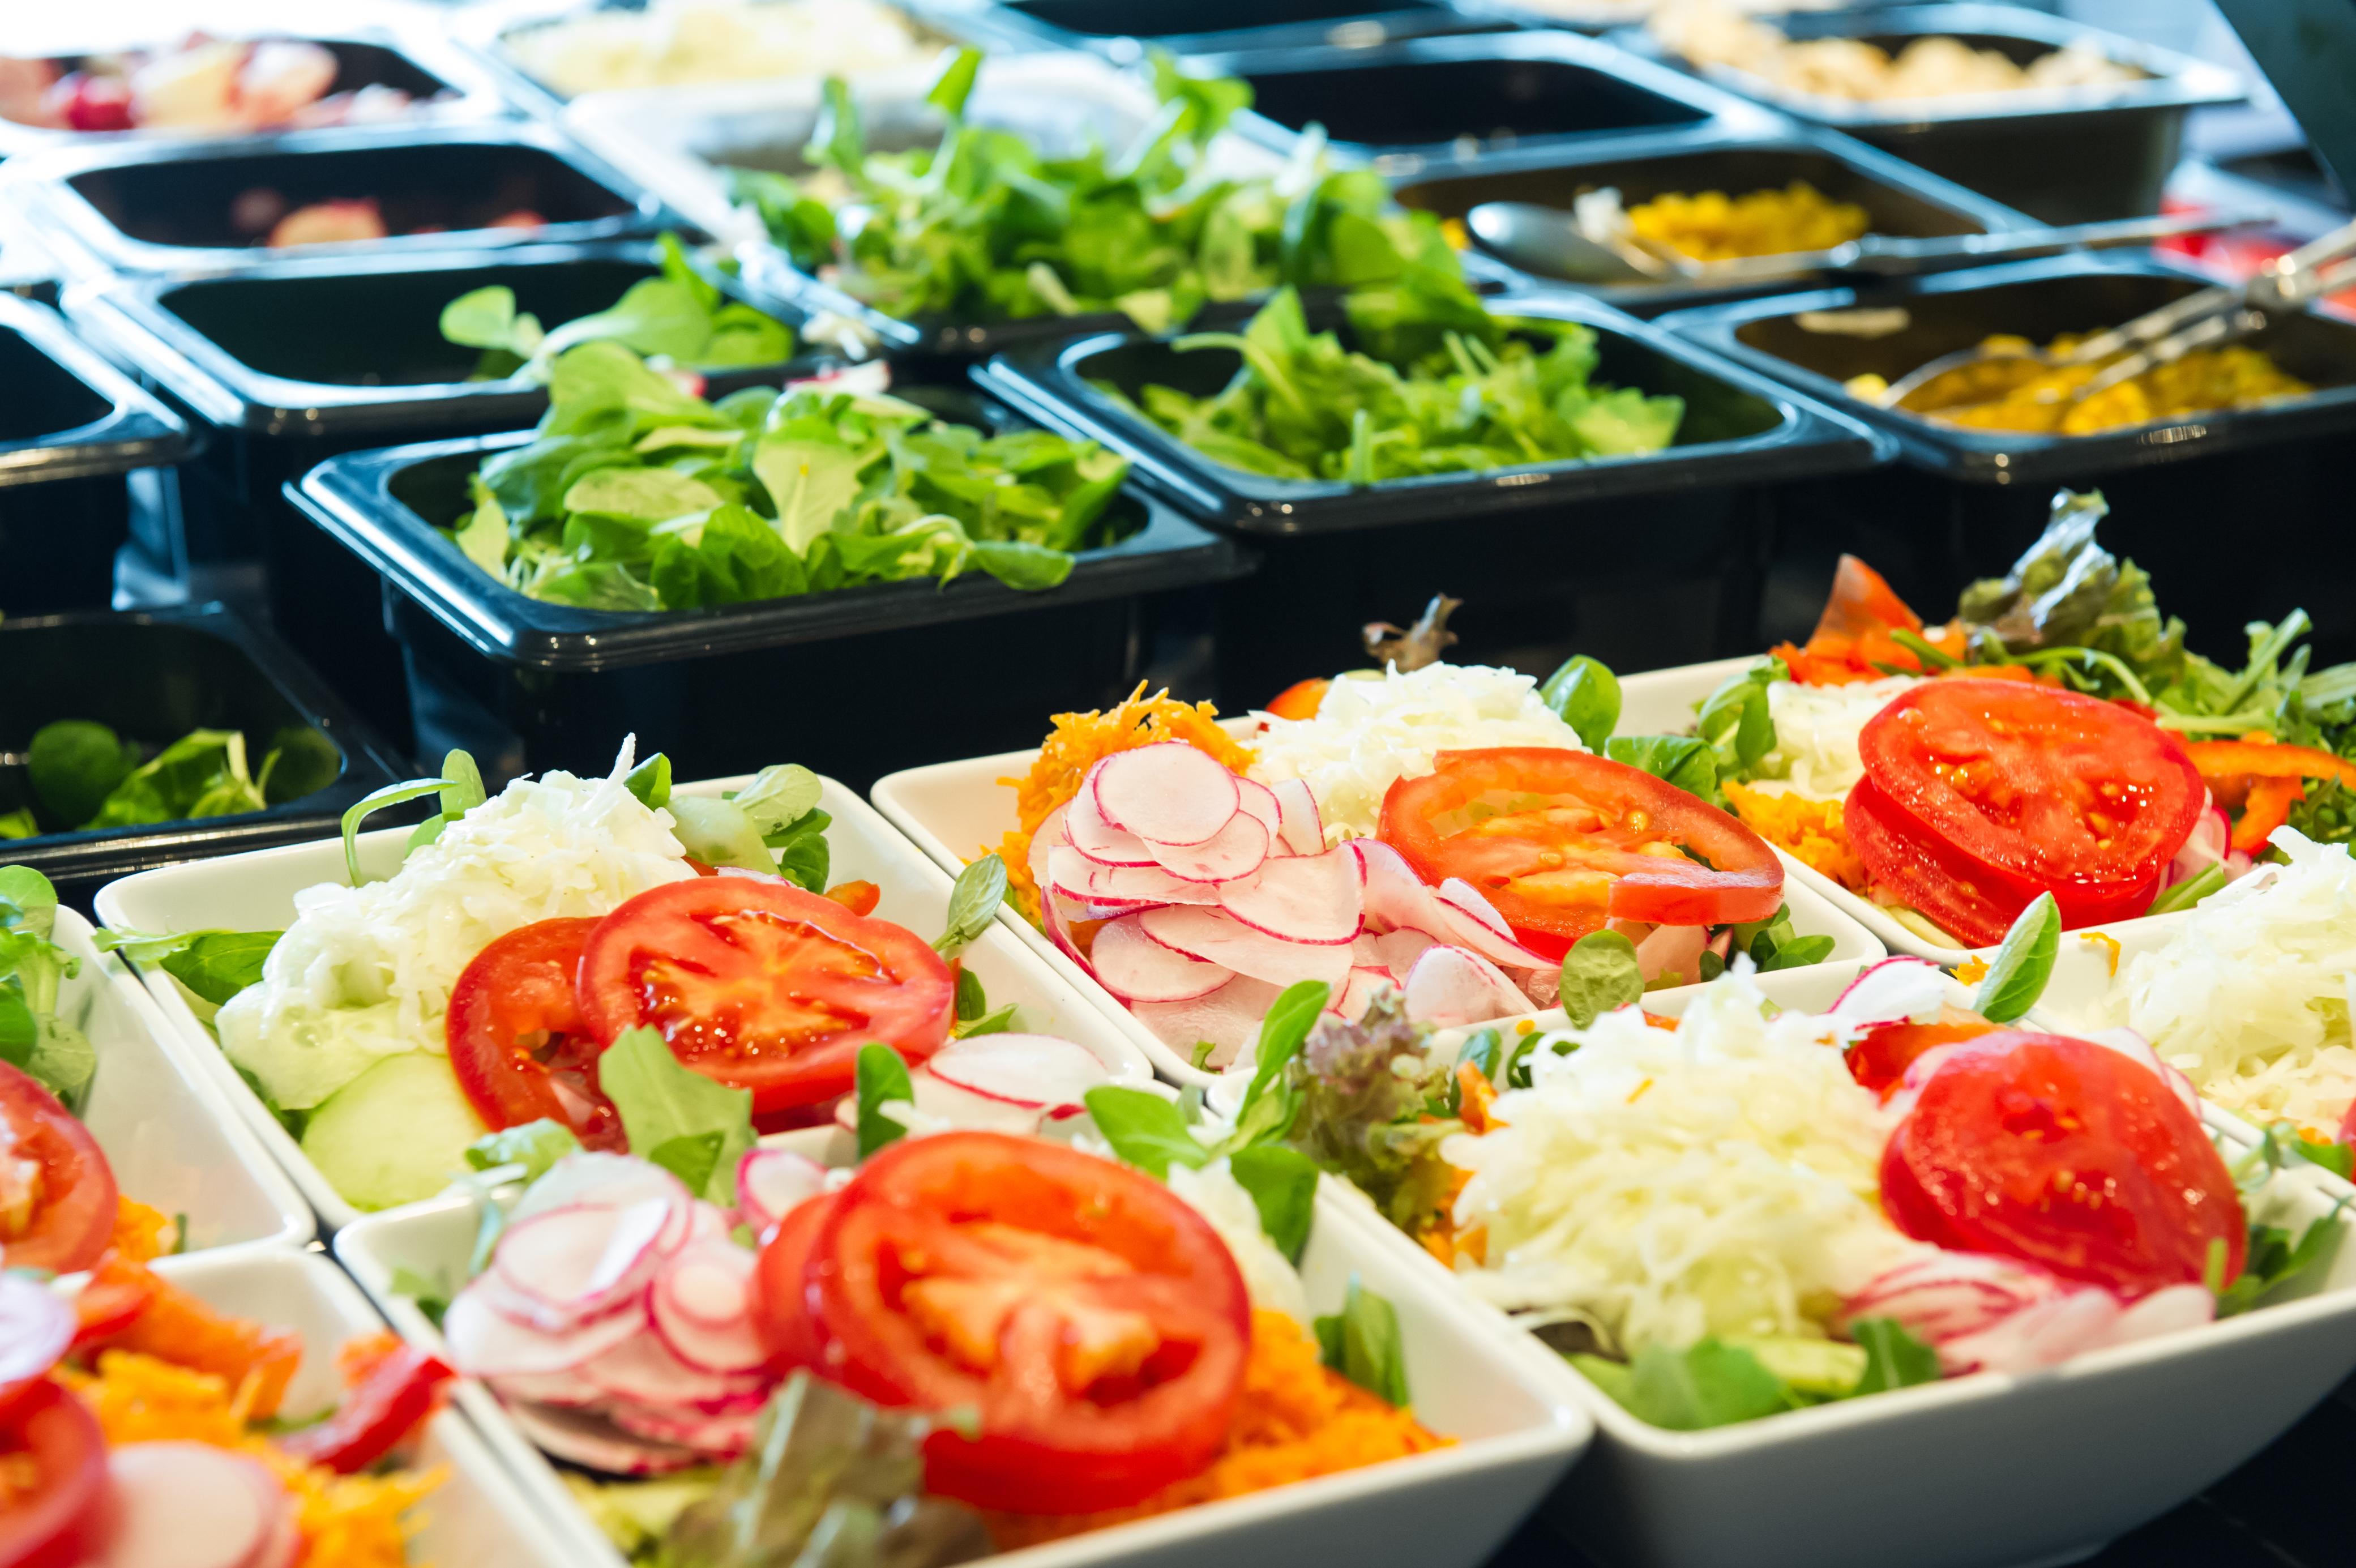 Salat Laiern